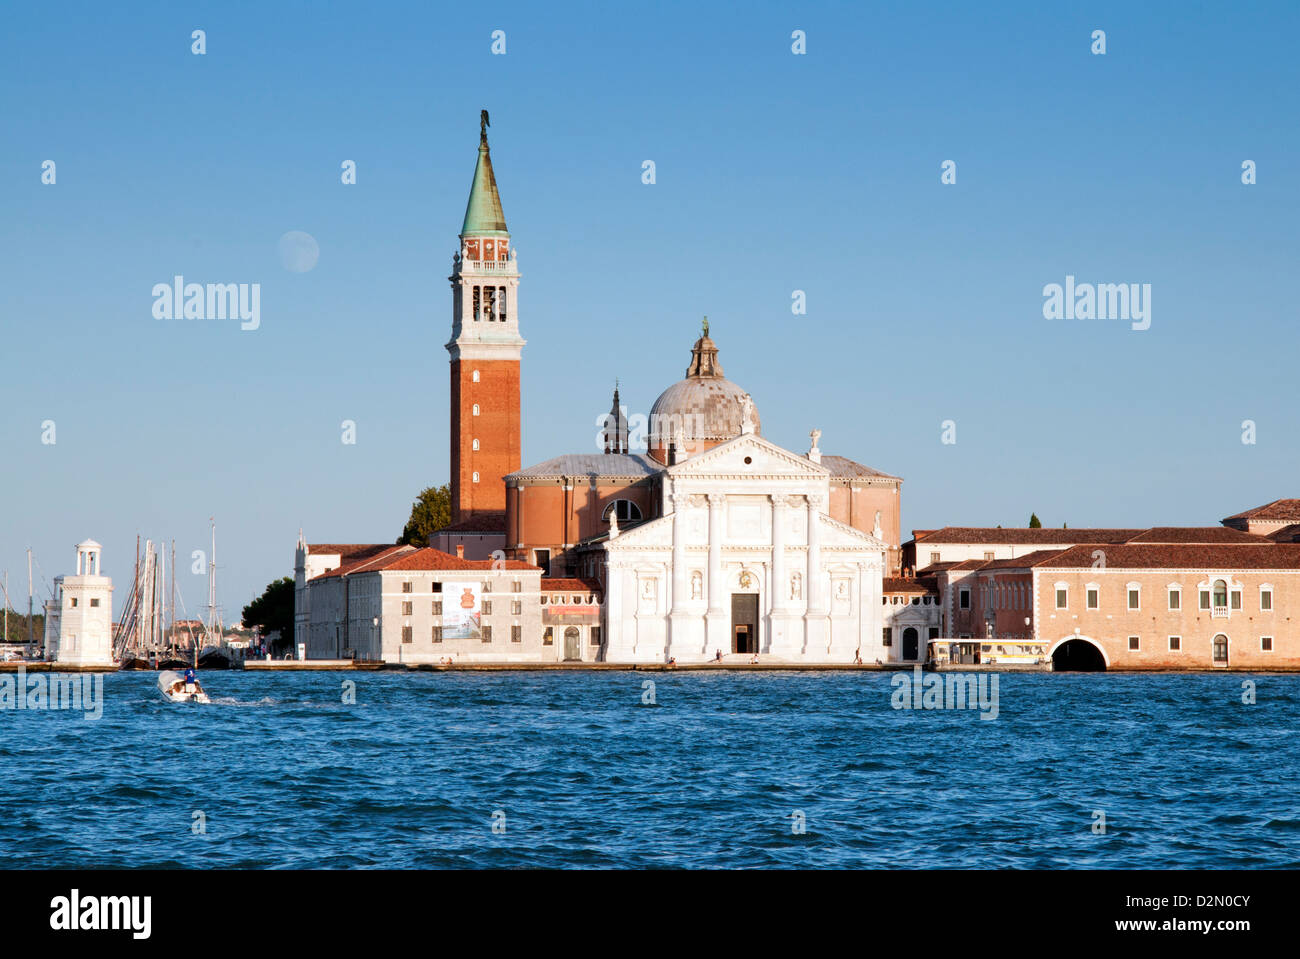 View from quay at St. Mark's Square to San Giorgio Maggiore Island, Venice, UNESCO World Heritage Site, Veneto, - Stock Image